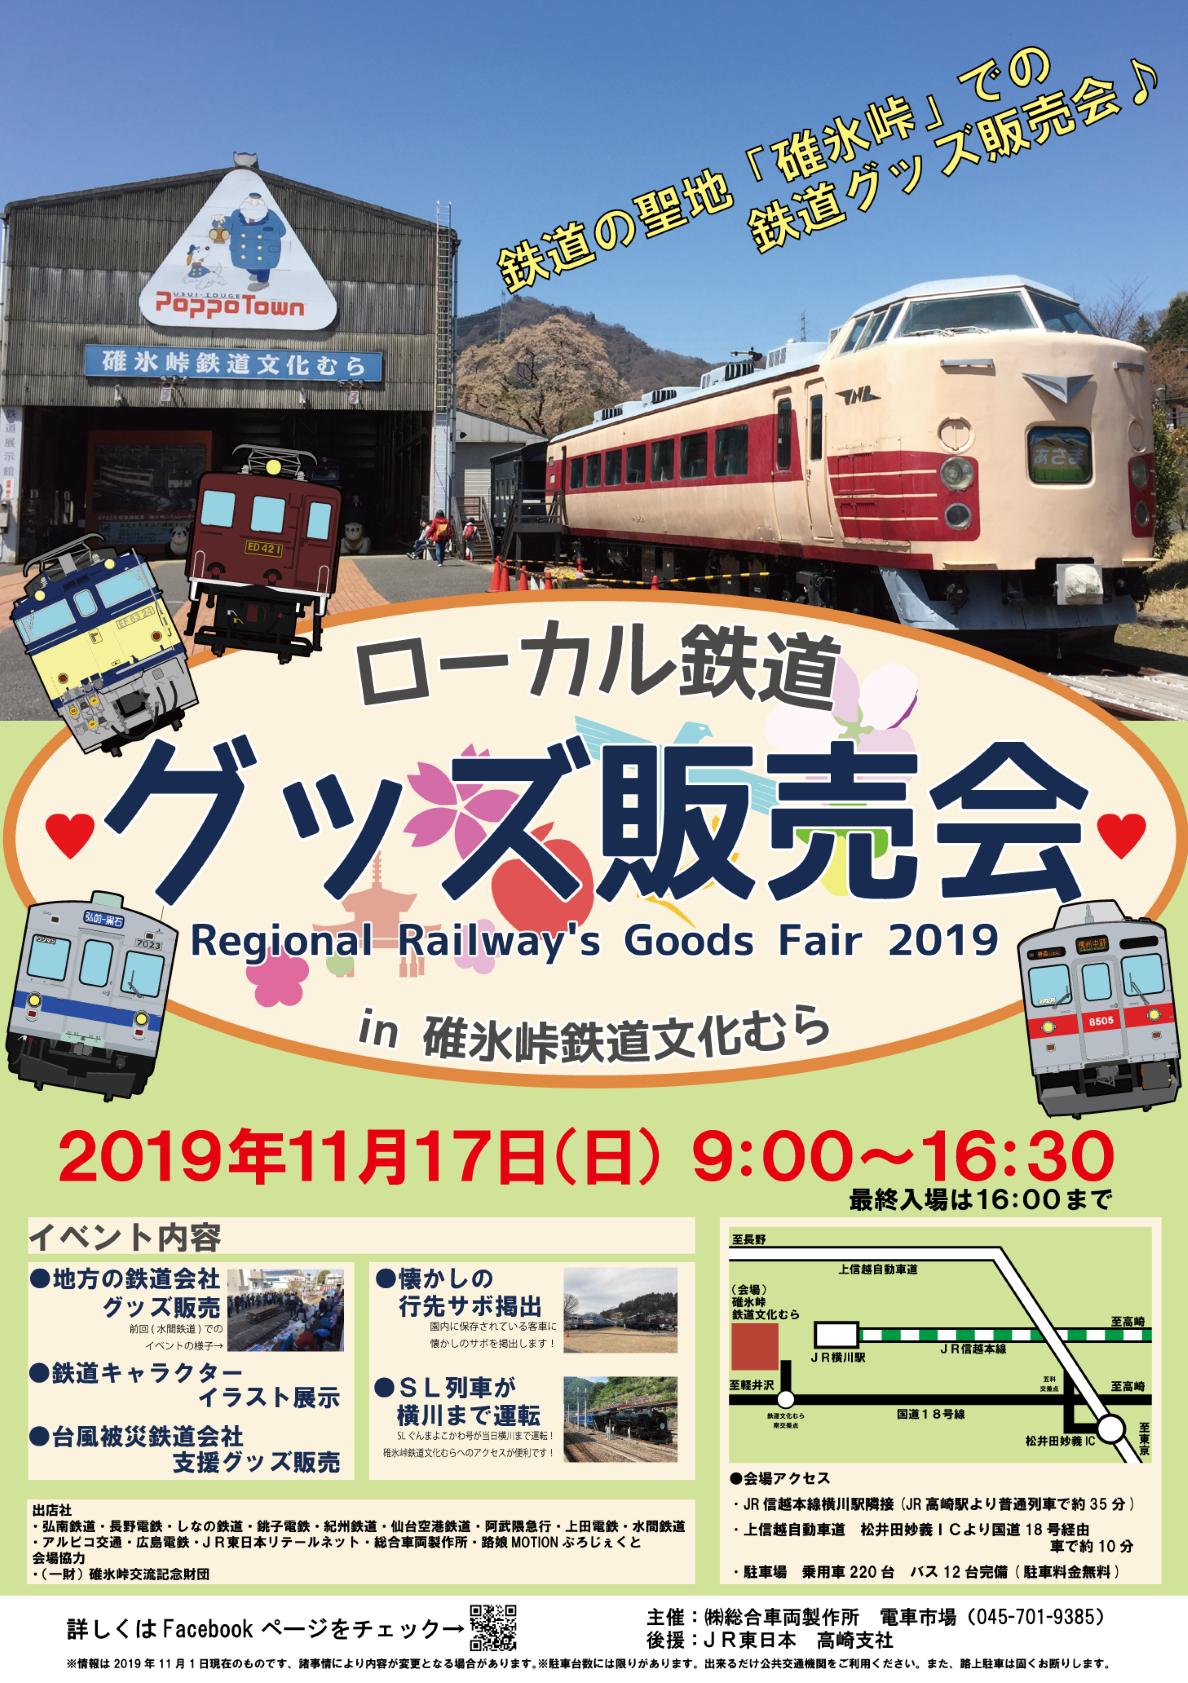 ローカル鉄道グッズ販売会_ポスターB2_fix.png